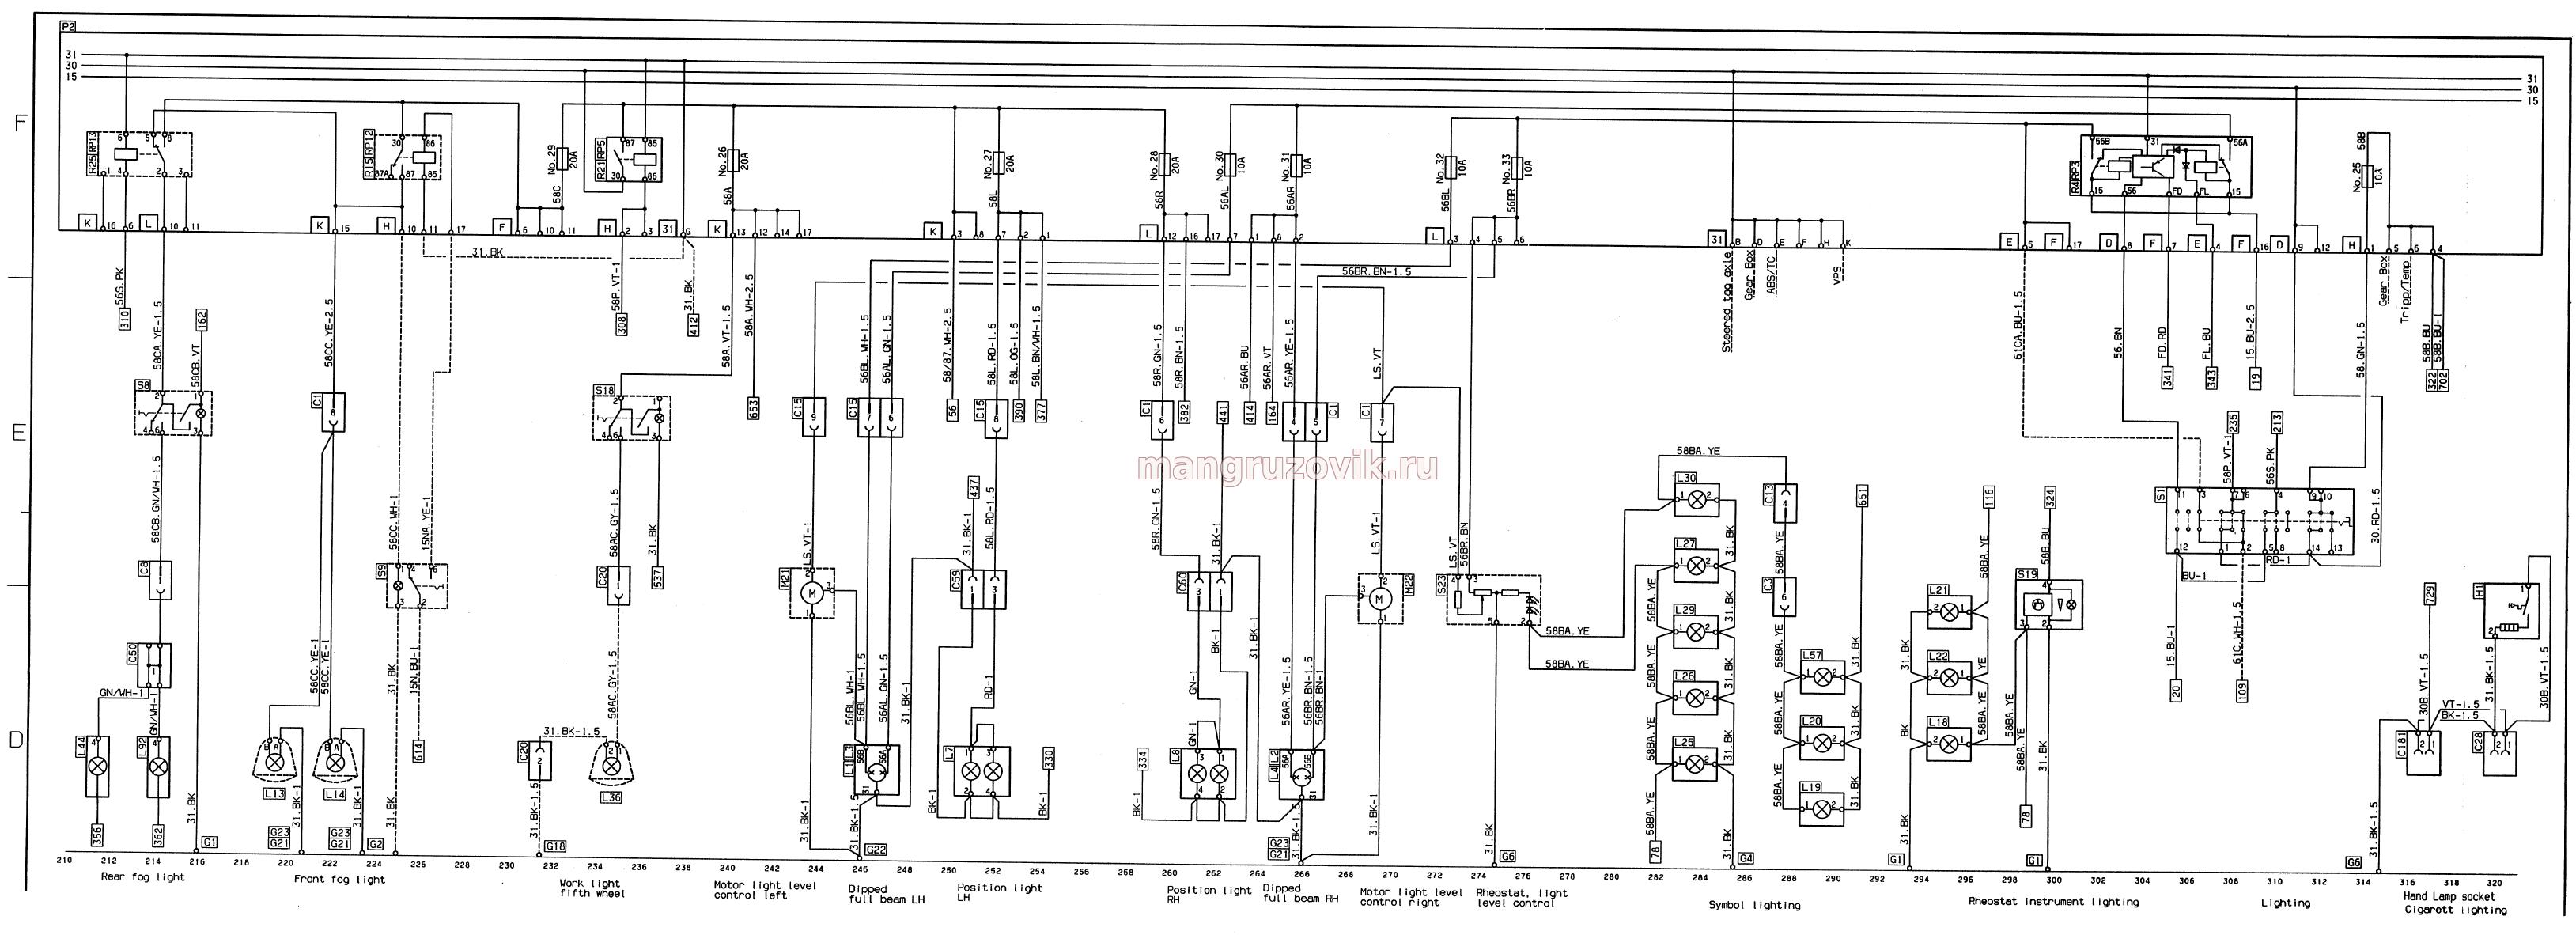 Инструкция по регулированию клапанов скании 114 скачать бесплатно